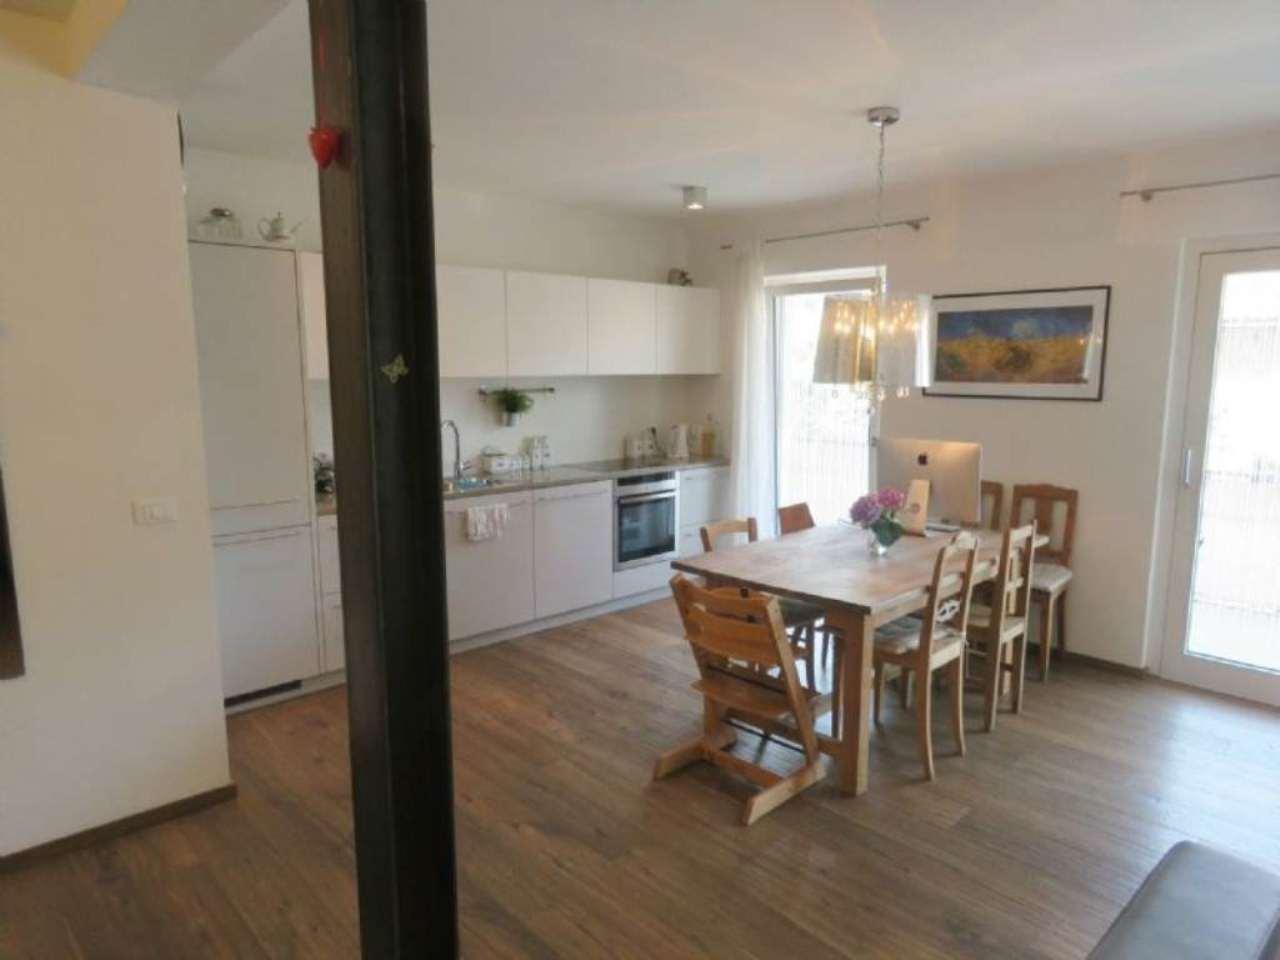 Appartamento in vendita a Lana, 3 locali, prezzo € 350.000 | Cambio Casa.it